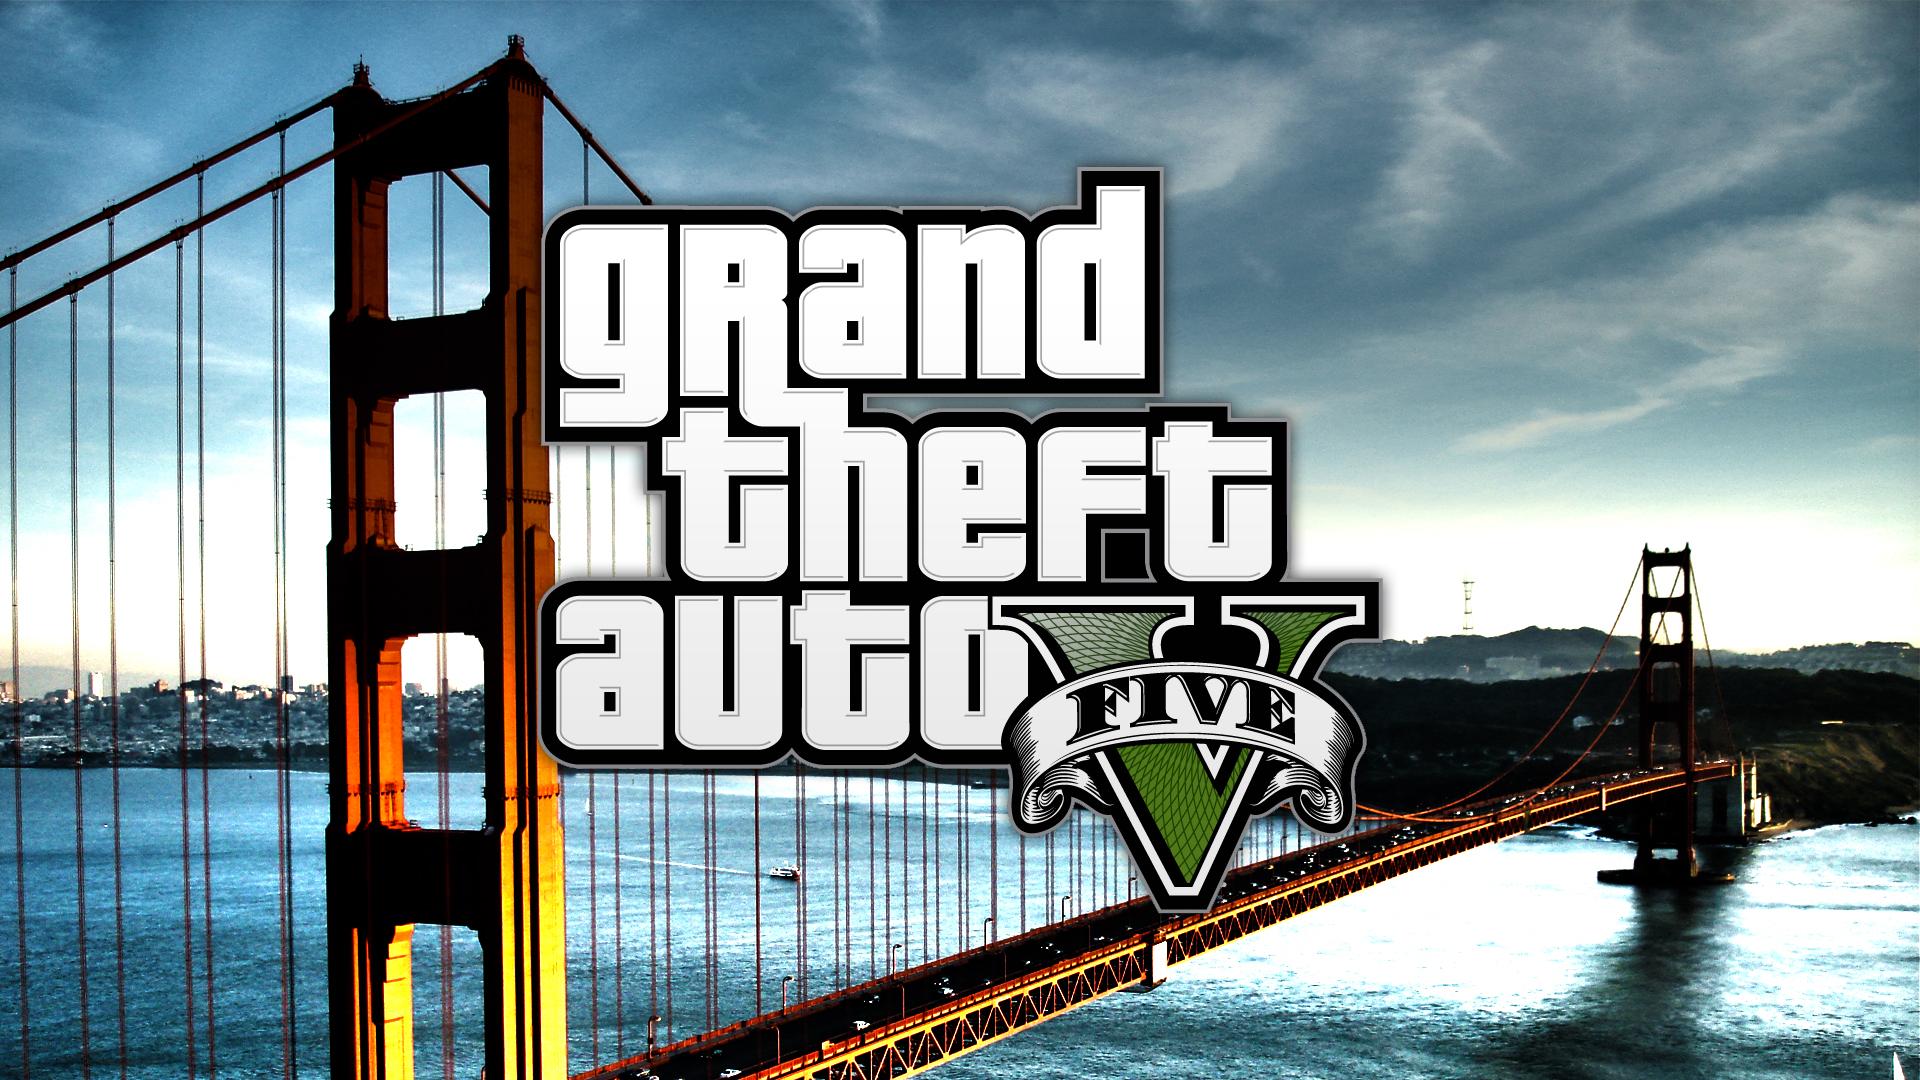 Wallpaper Gta 5 Grand Theft Auto V Rockstar 15 Wallpapers 1920x1080